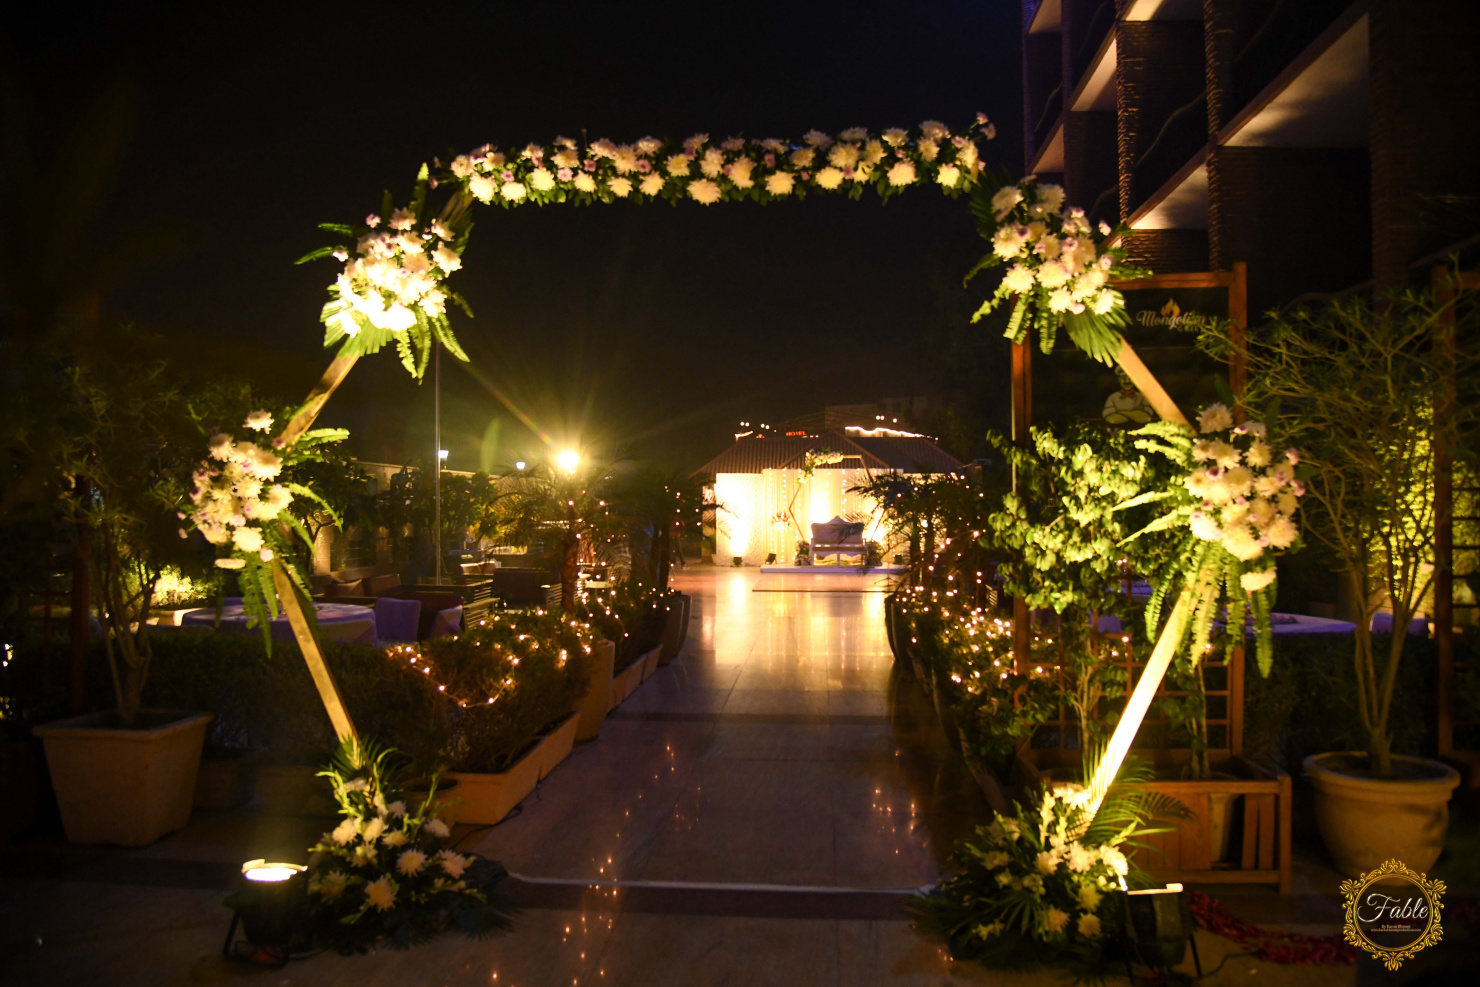 floral wreath entrance